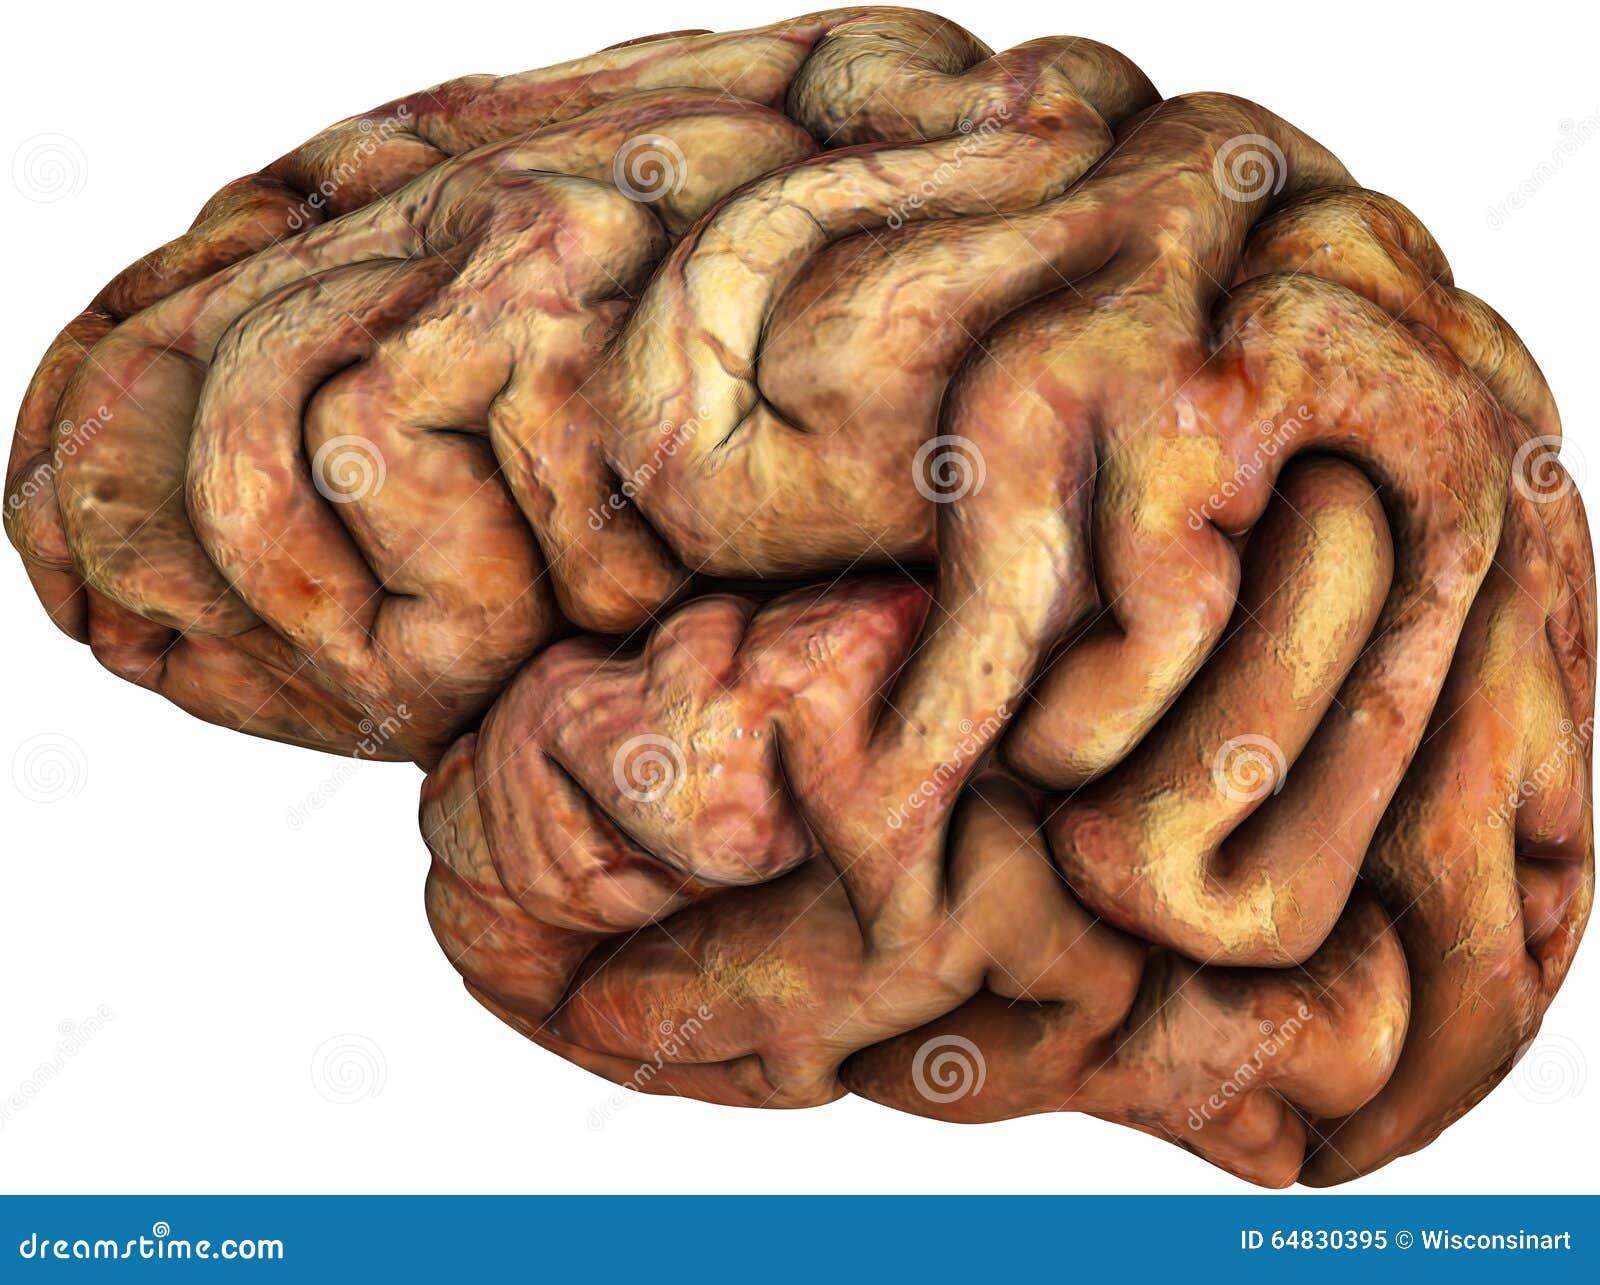 Mensch Brain Illustration Isolated, Körperteile Stockbild ...